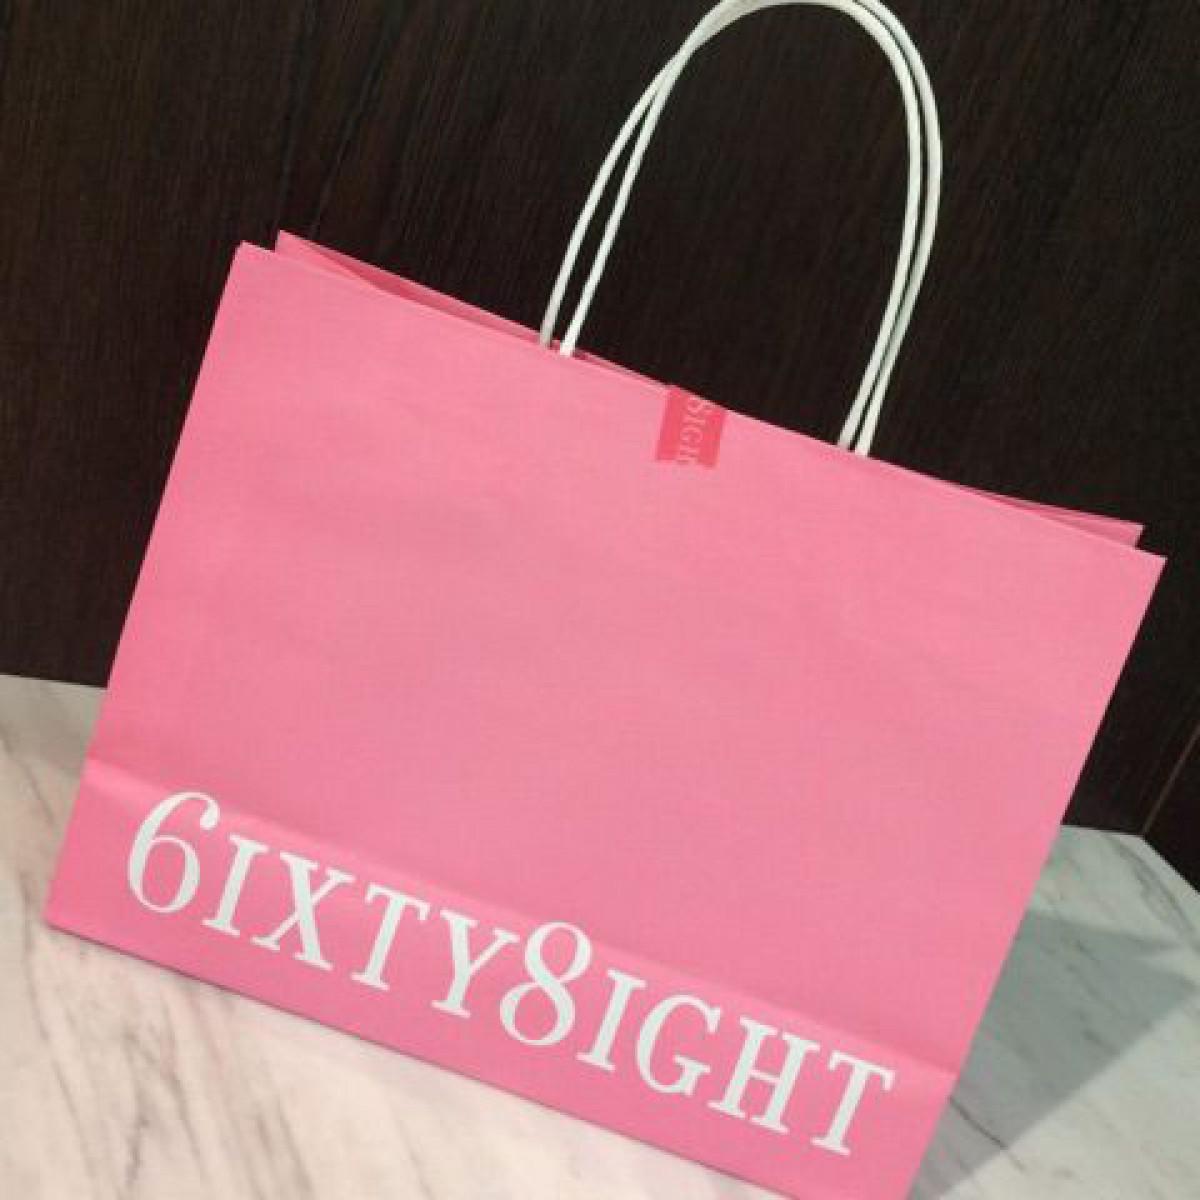 台湾購入品①6ixty 8ight♡プチプラルームウェア♡